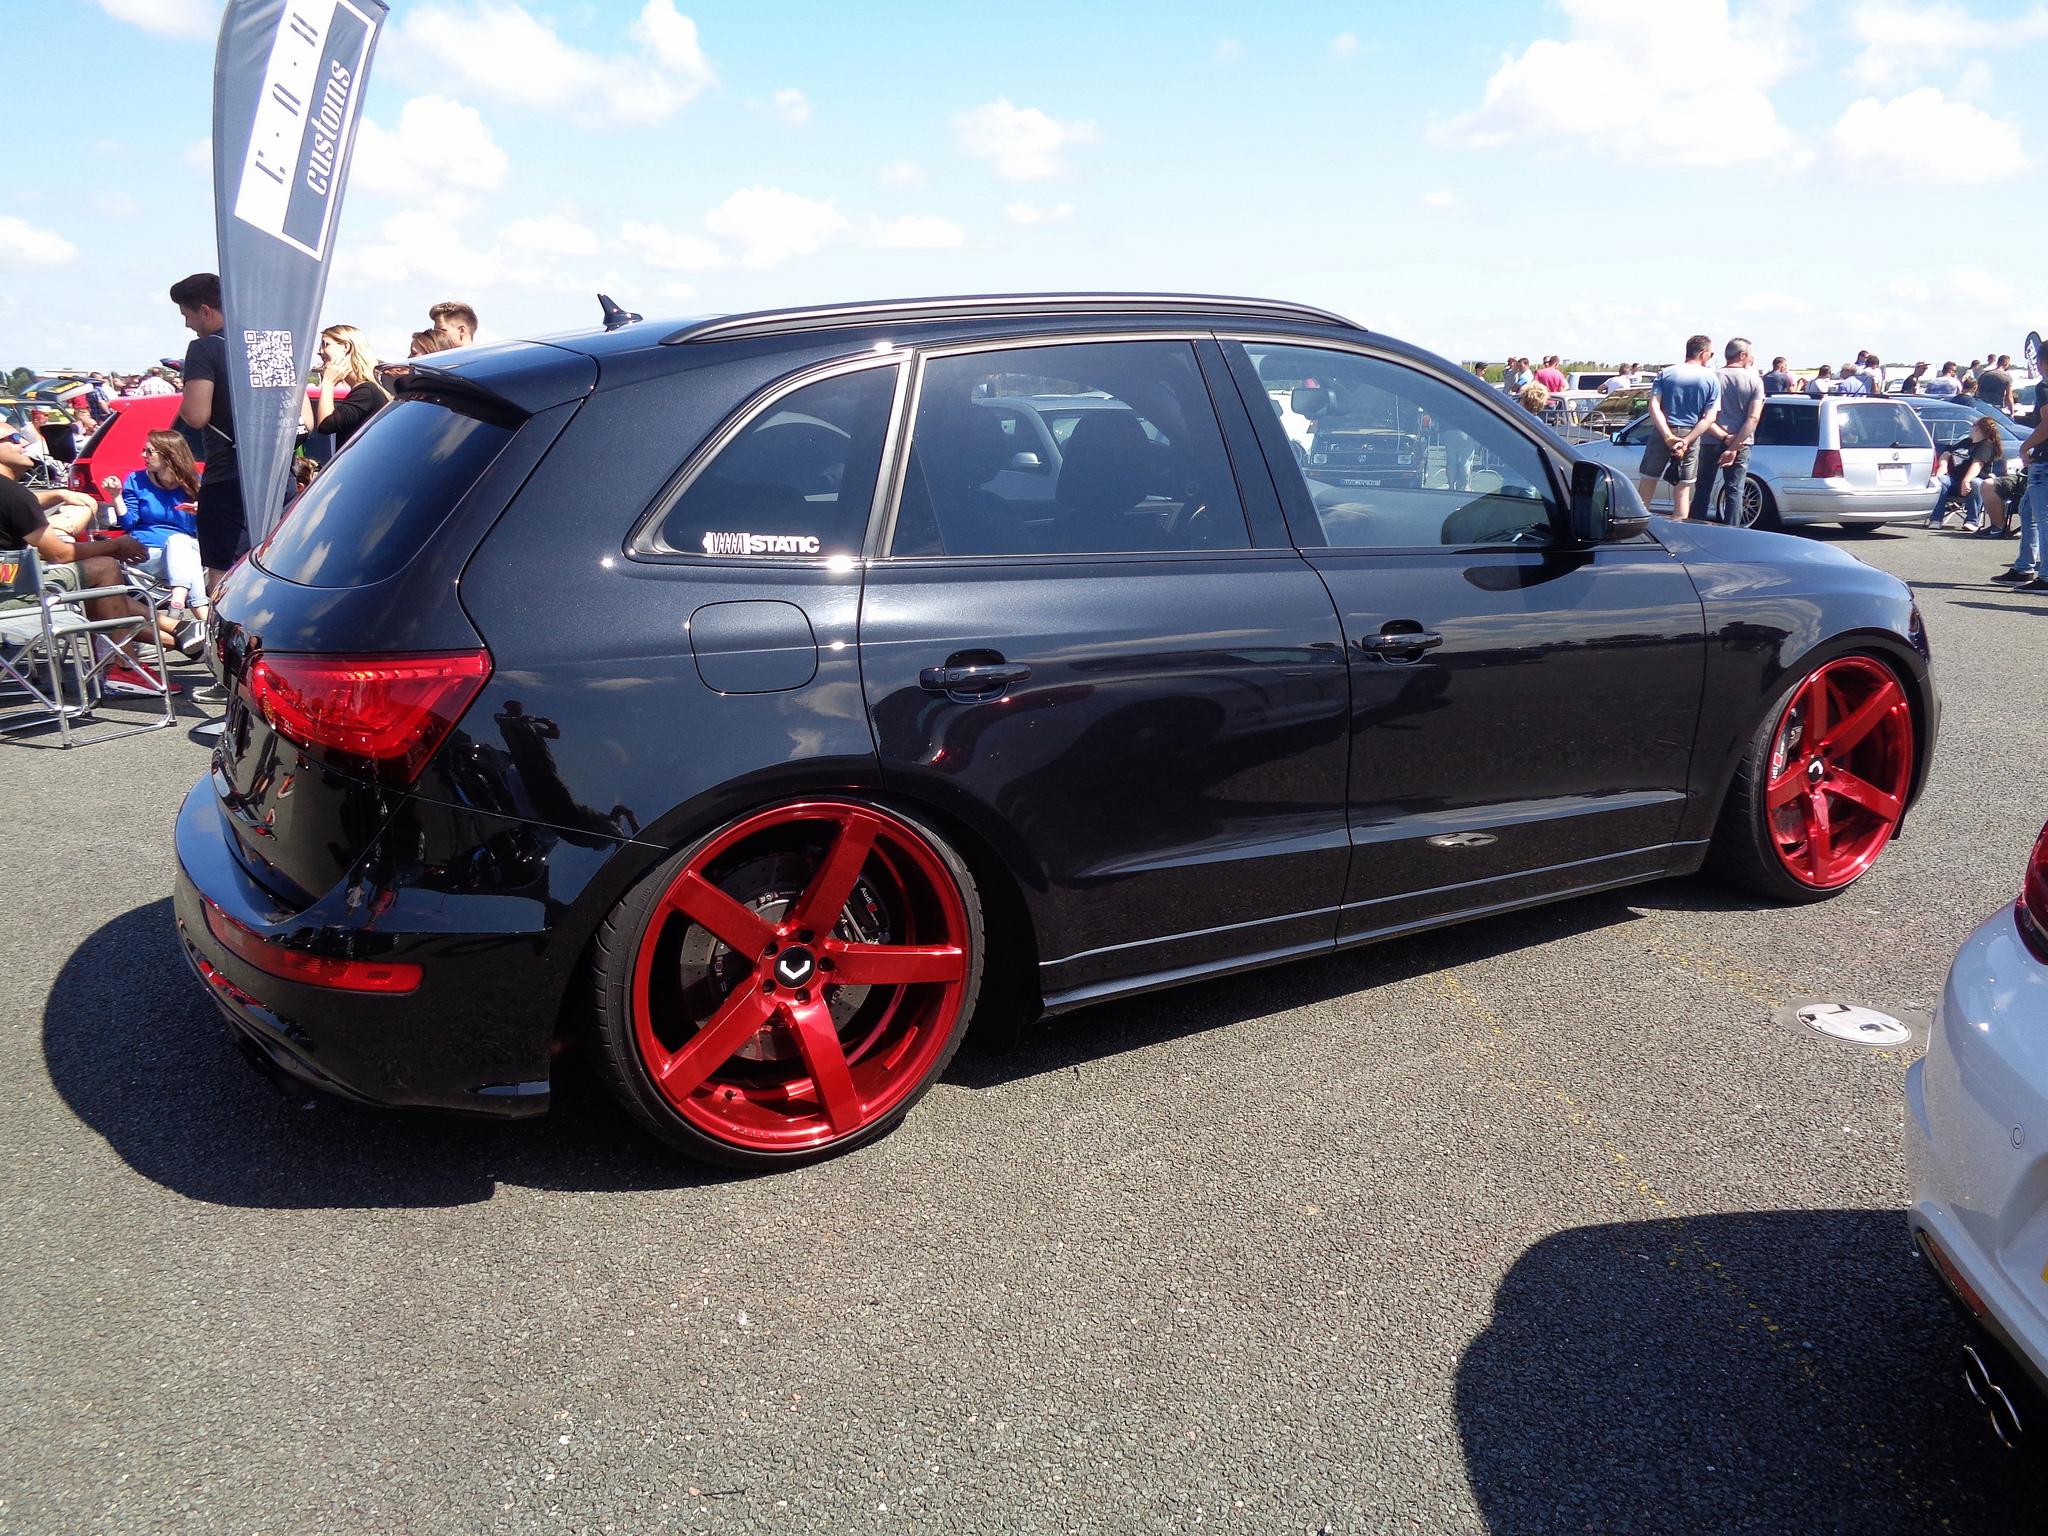 Audi Q5 Tuning 1 Tuning